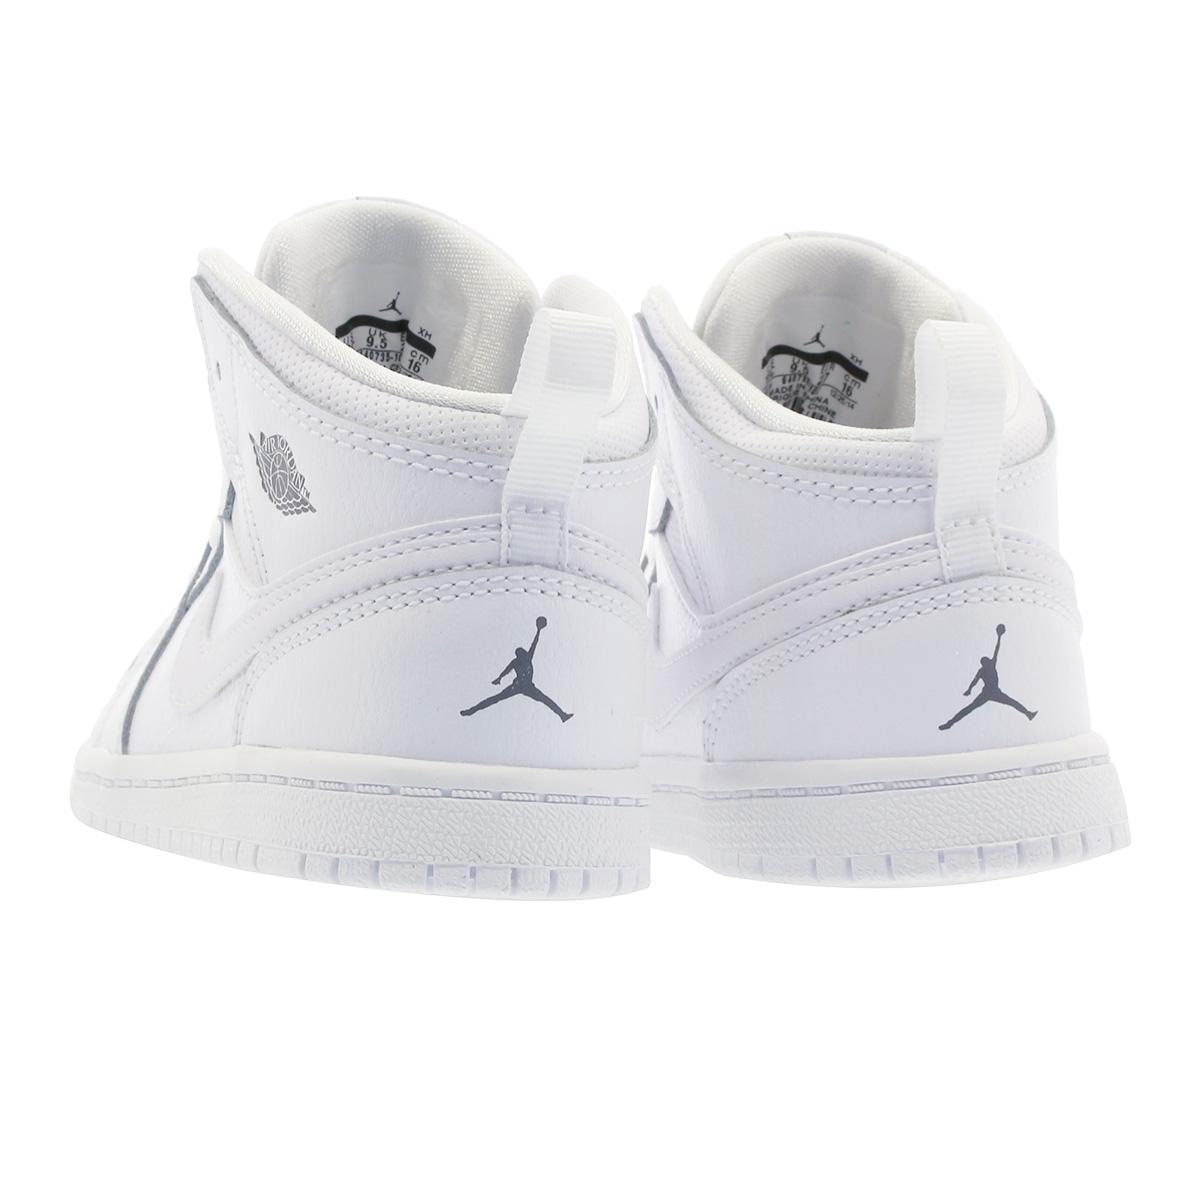 sale retailer 6d1e7 91d84 NIKE AIR JORDAN 1 MID BT Nike Air Jordan 1 mid BT WHITE COOL GREY WHITE